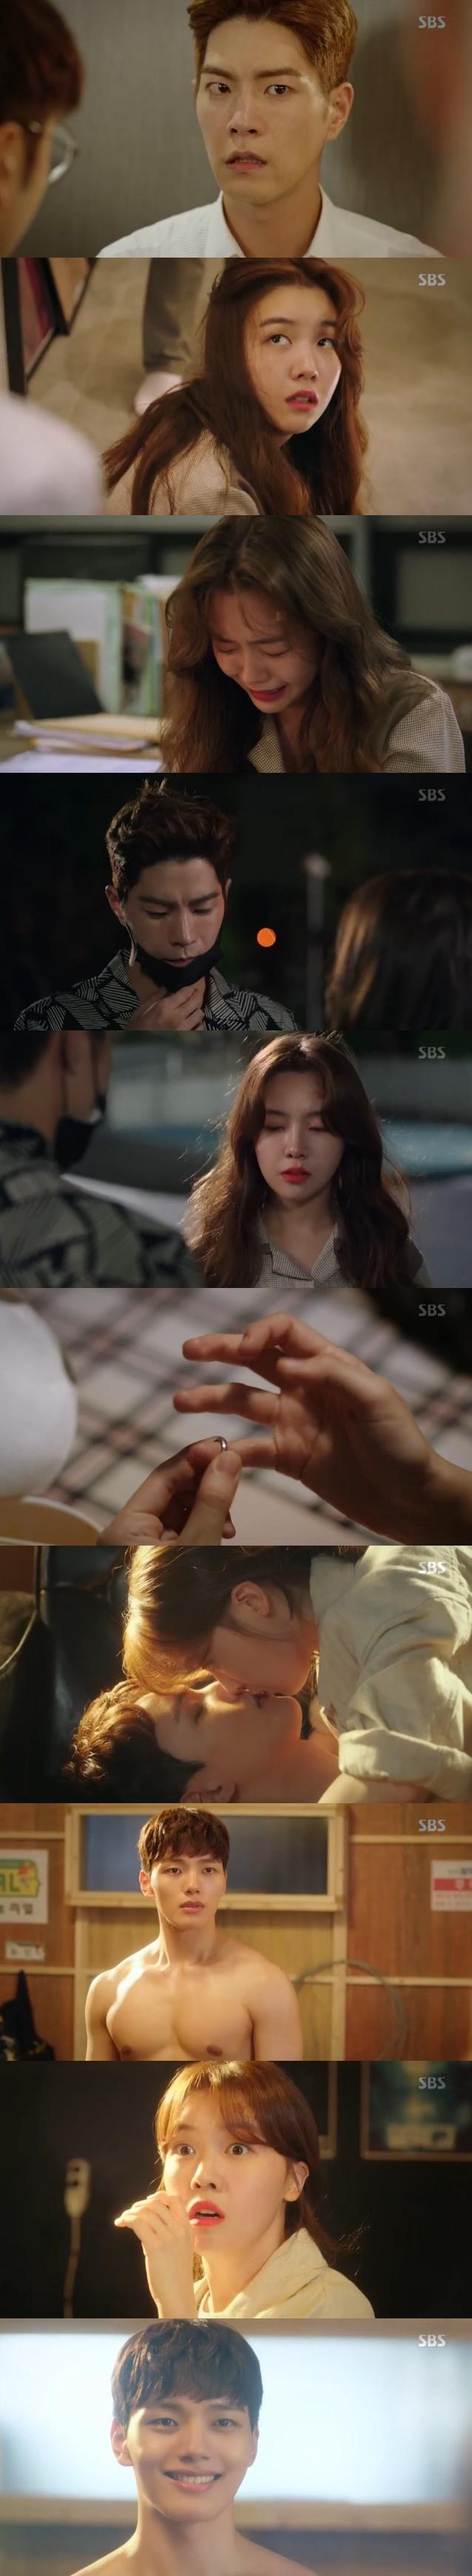 '절대그이' 방민아, 홍종현과 결별..'여진구 여친' 됐다(종합)[비단 토토|트레비 토토]